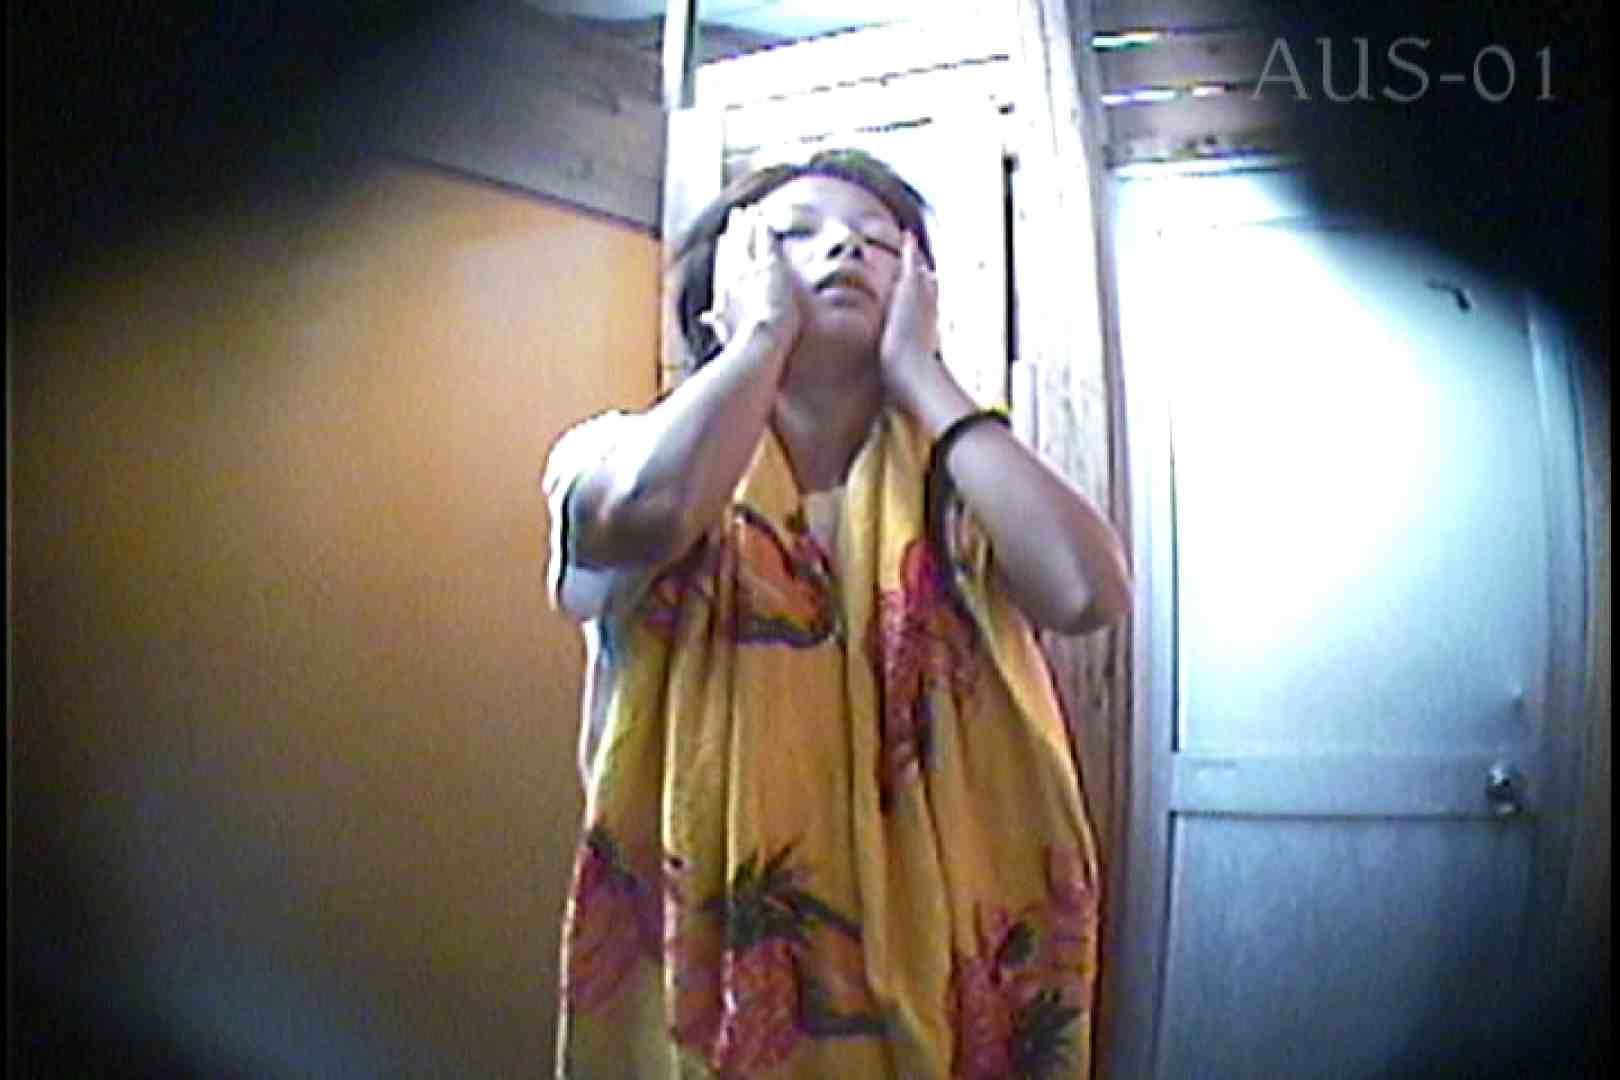 海の家の更衣室 Vol.01 美乳 エロ画像 104枚 12